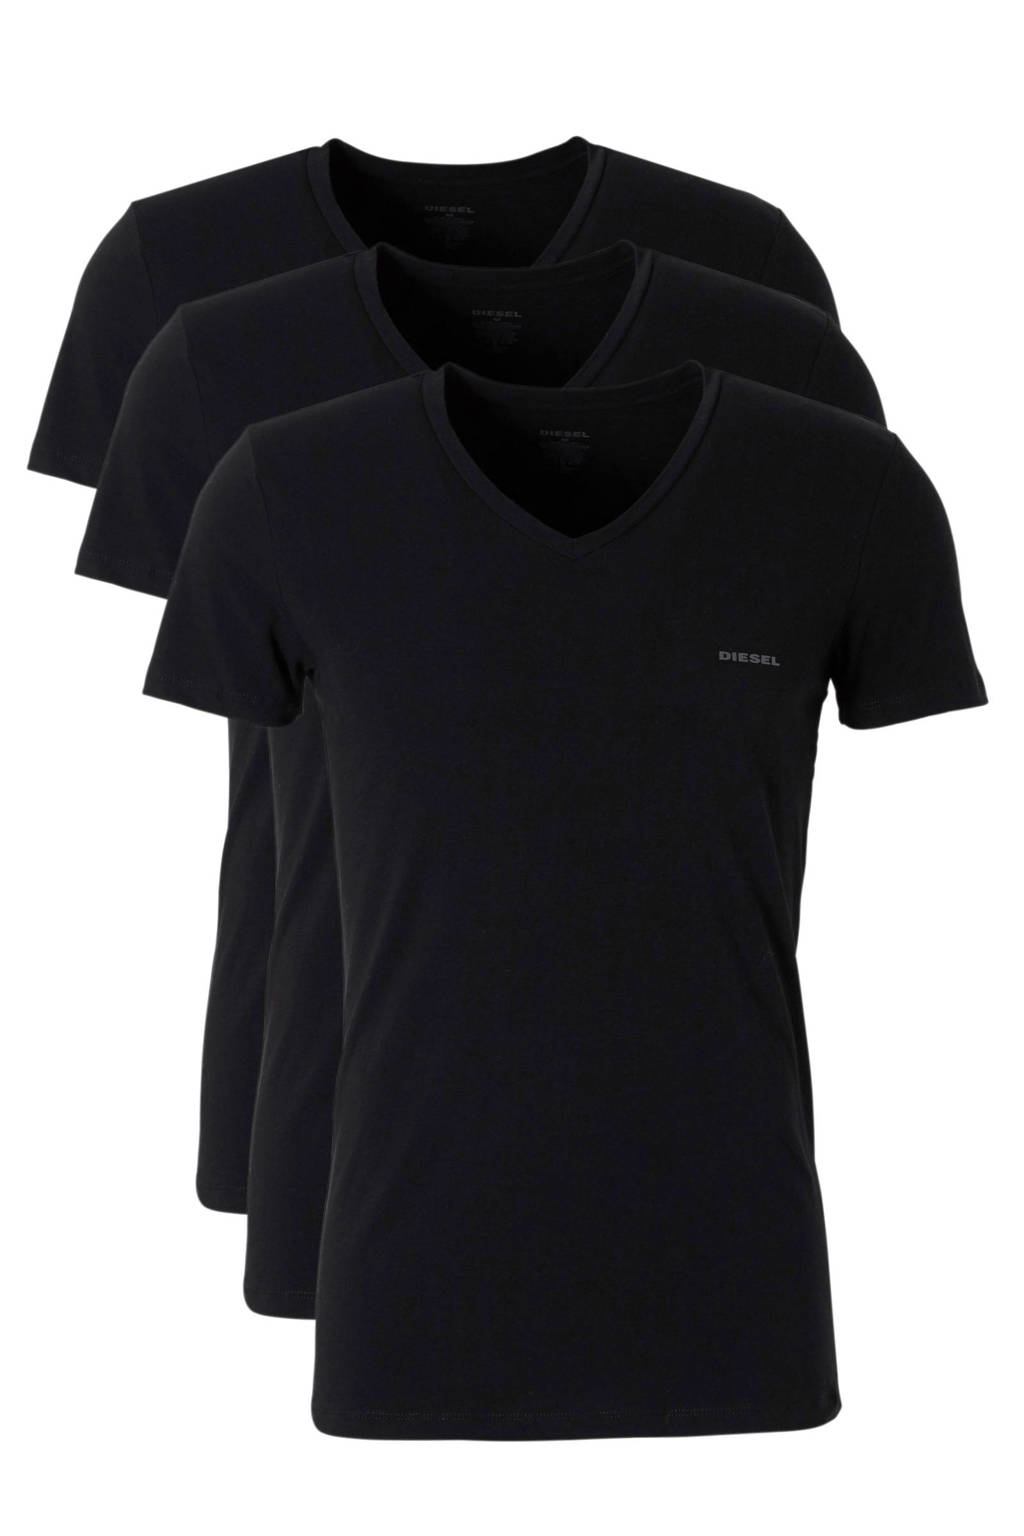 Diesel katoenen t-shirt zwart - set van 3, Zwart